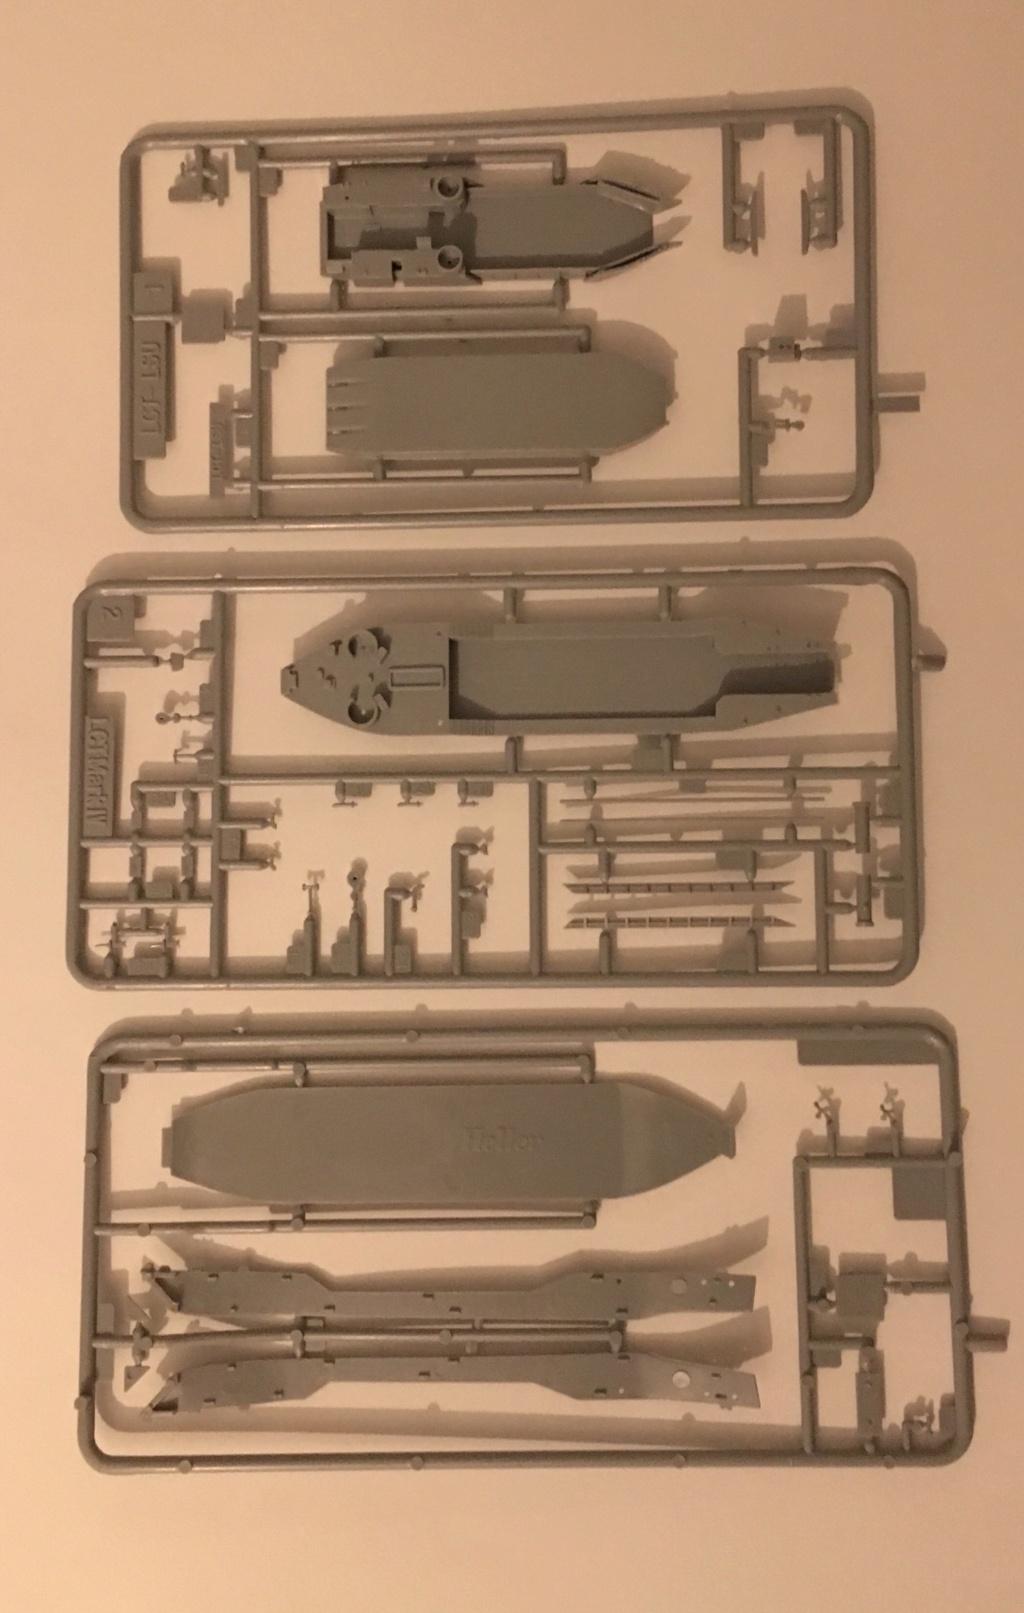 Vente LCT - LSU 1/400 heller 02e60a10